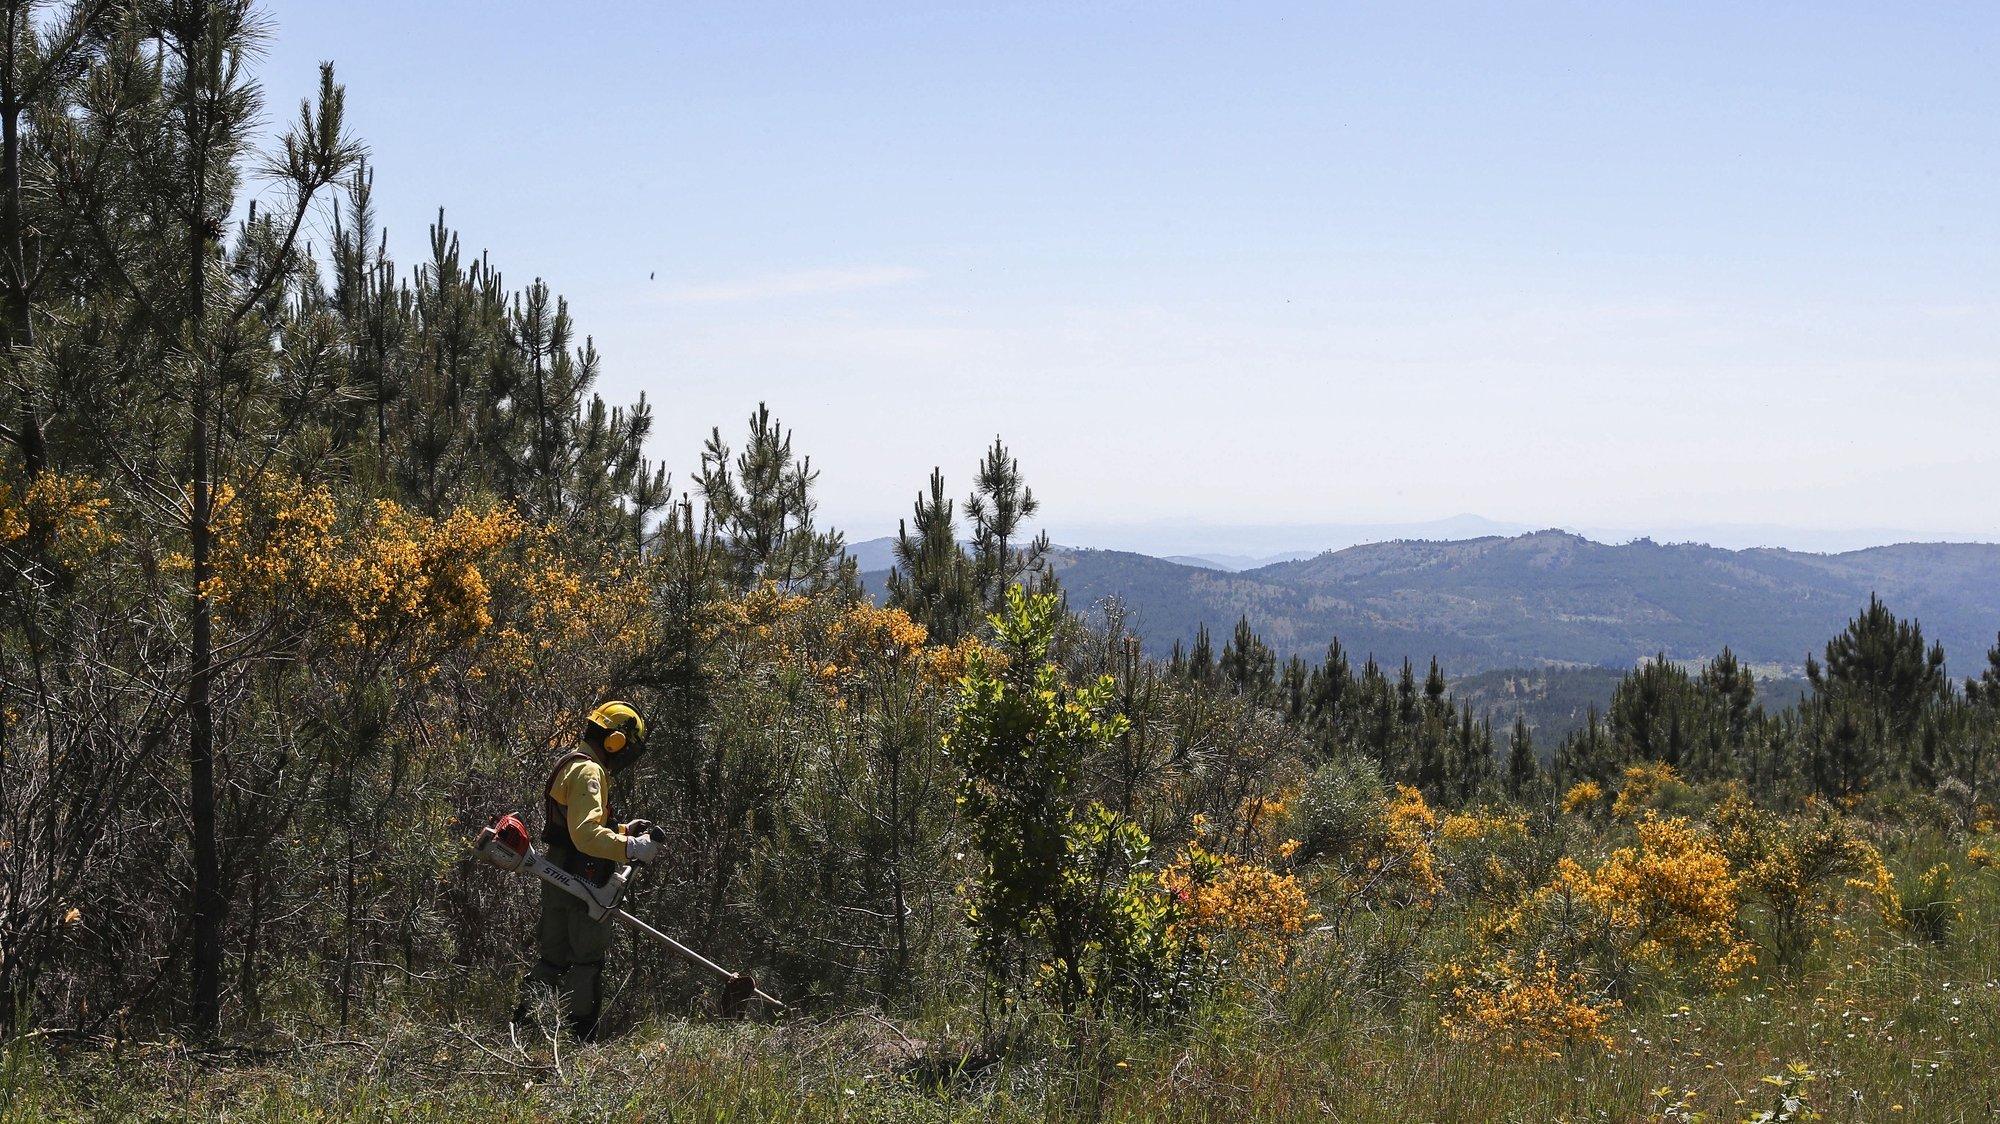 Sapadores florestais procedem à limpeza do terreno, durante os trabalhos de intervenção das redes de faixas de gestão de combustível associadas à rede viária, na Serra de São Mamede, em Marvão, 22 de maio de 2020. NUNO VEIGA/LUSA